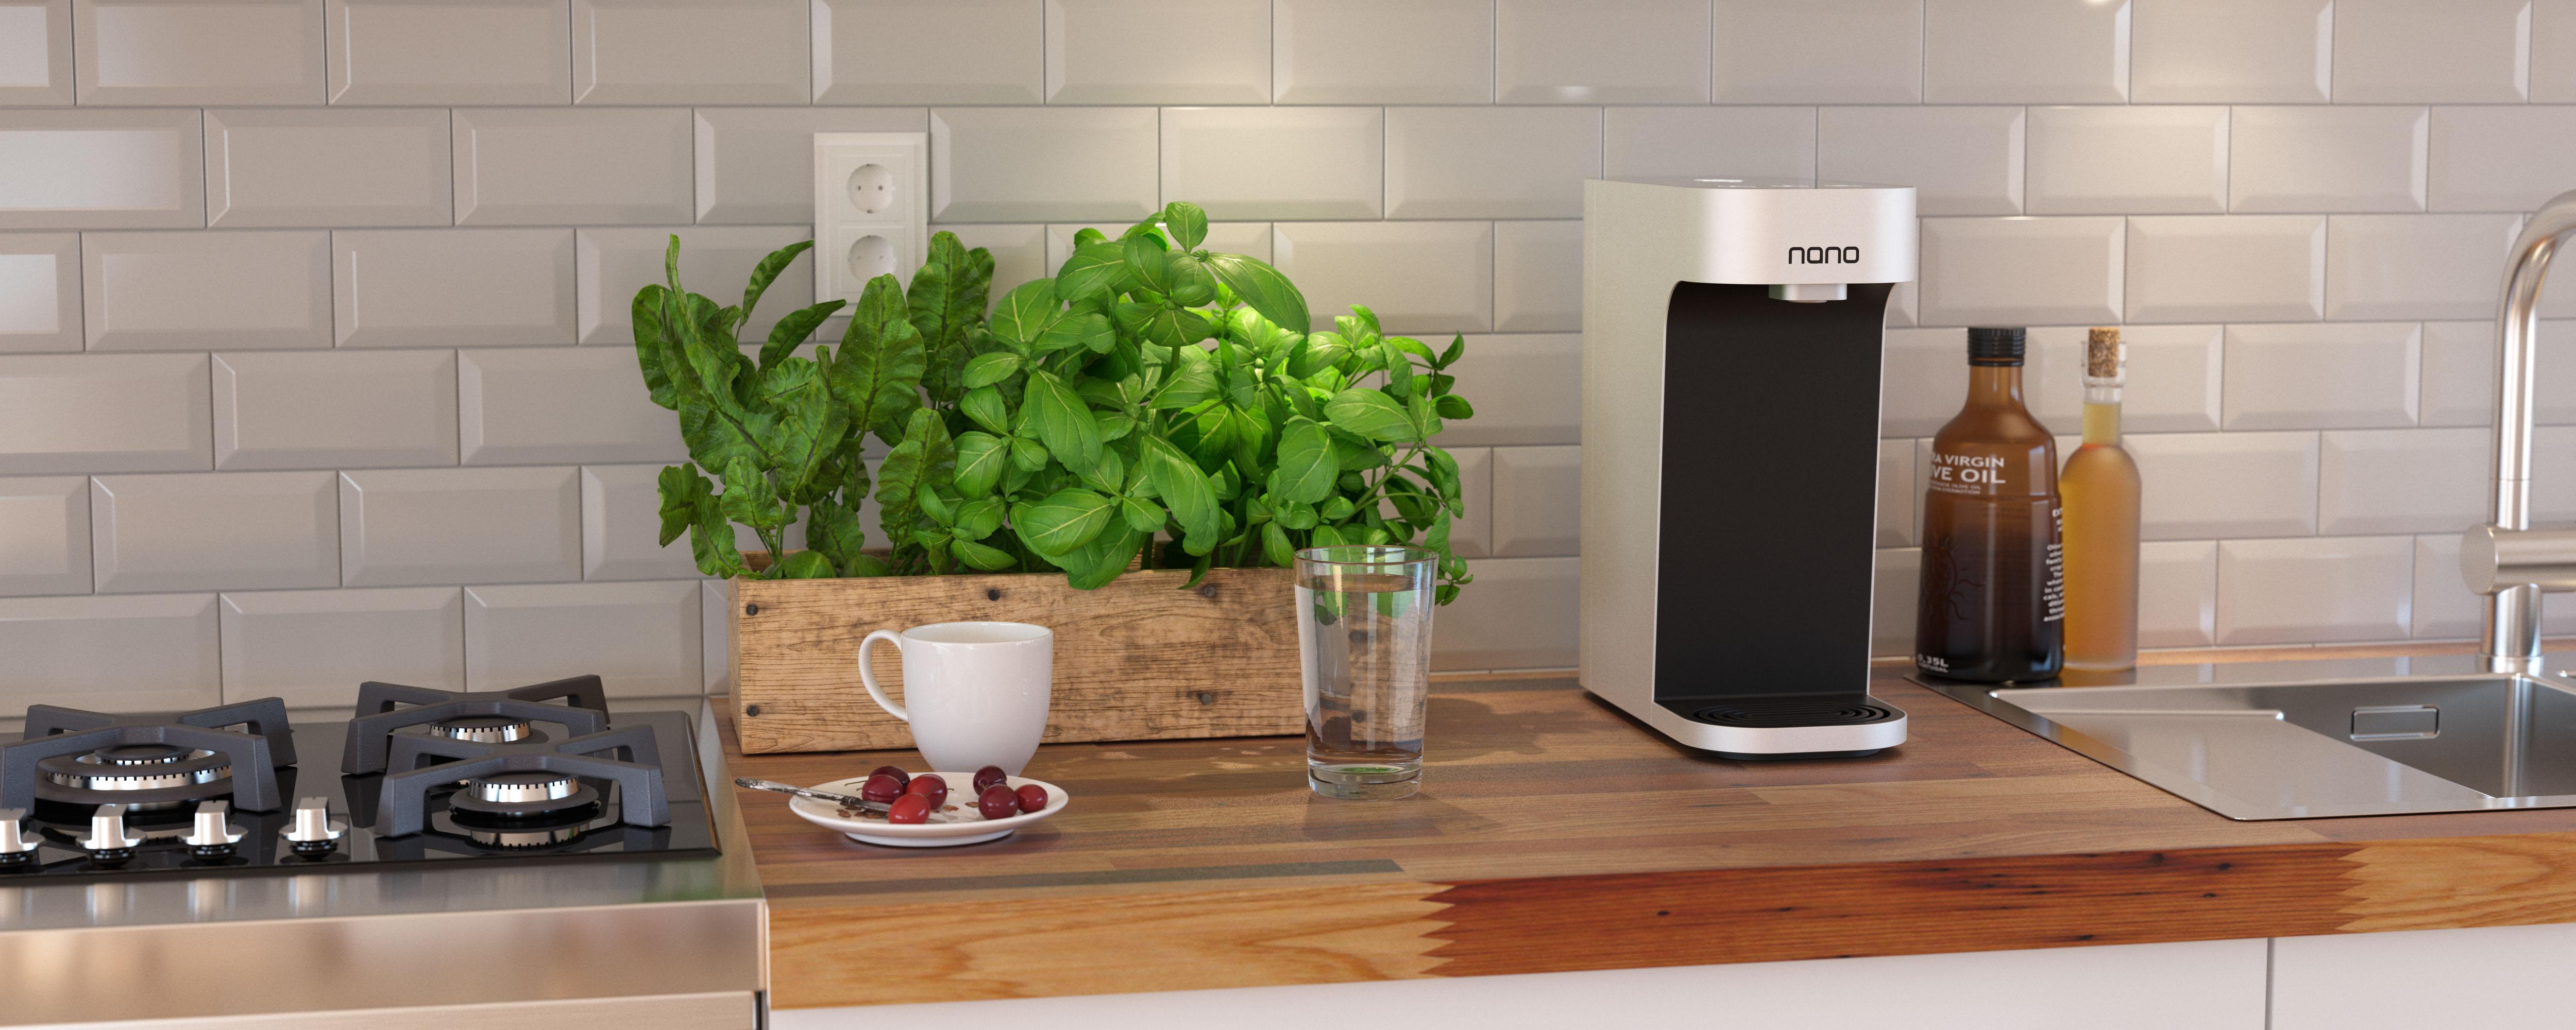 nano_kitchen2.jpg